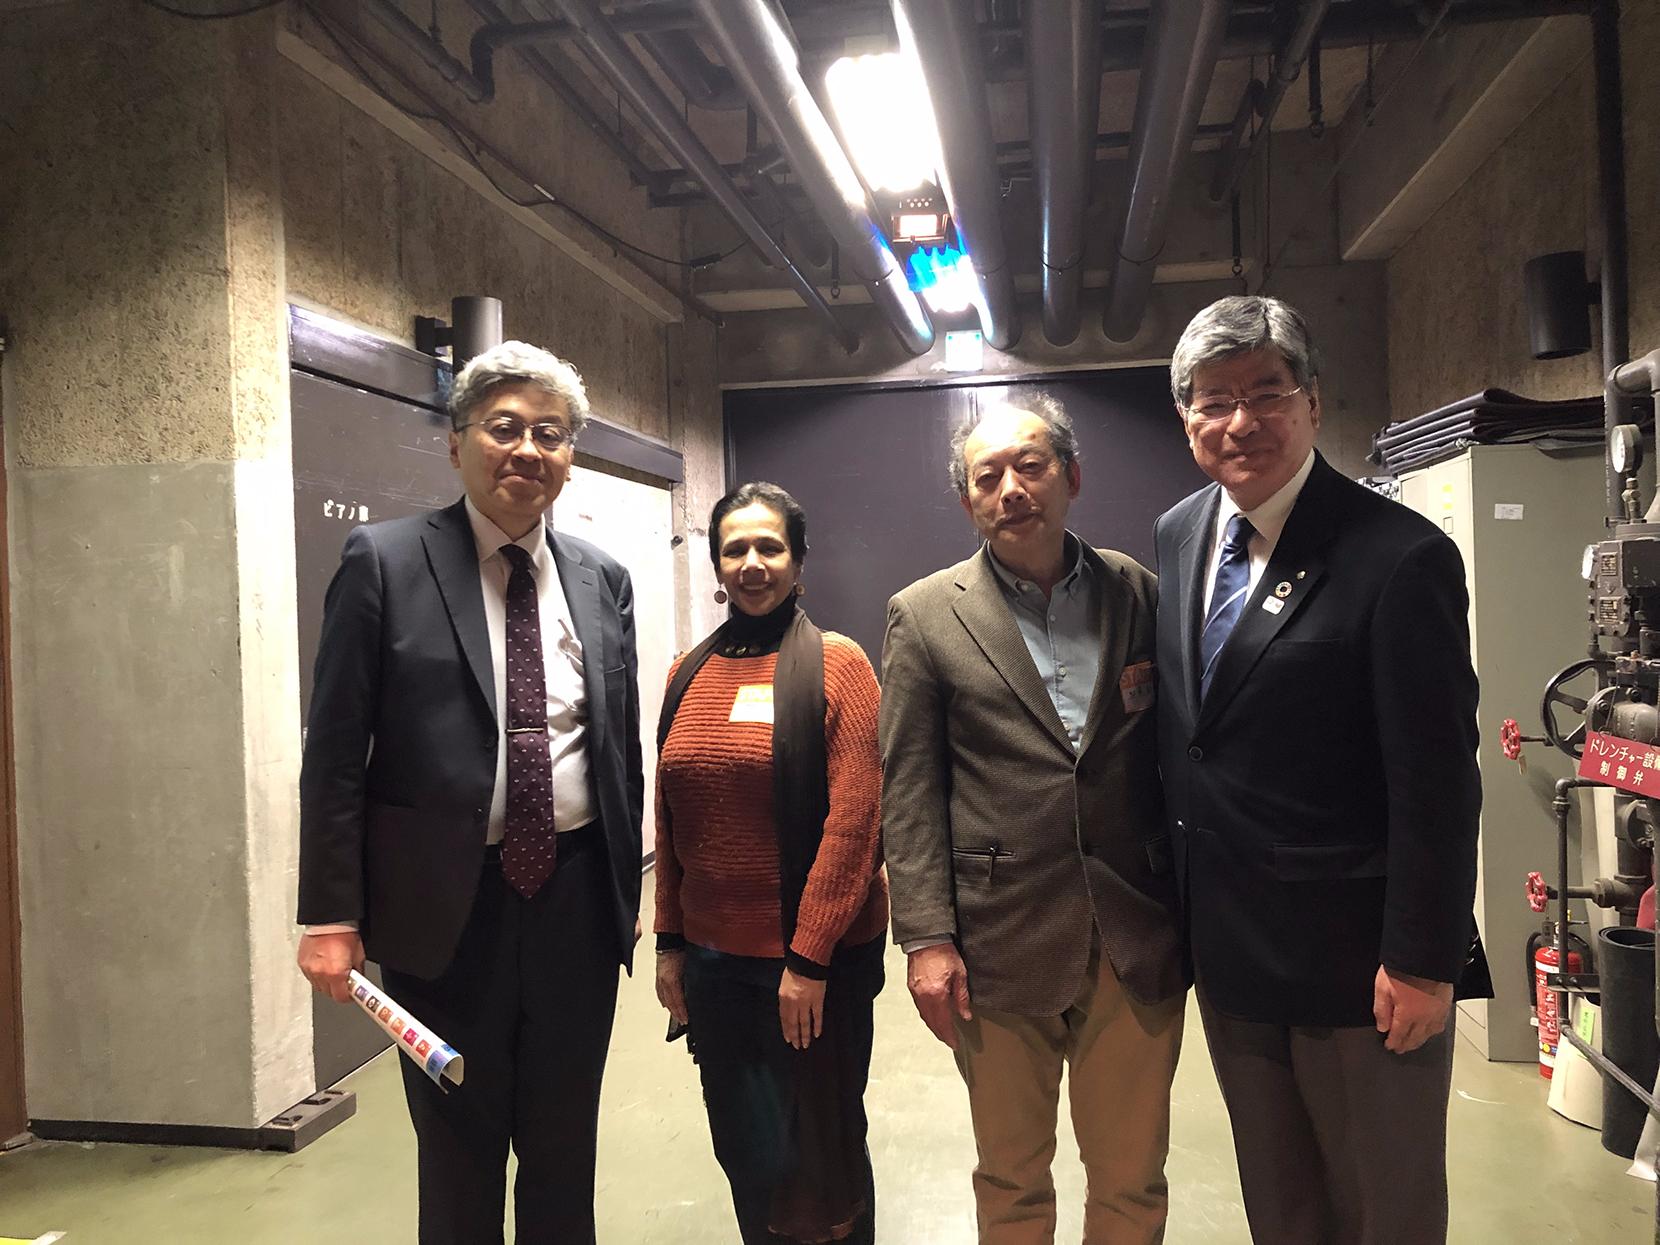 「SDGsいたばしの集い」にてNPO代表や板橋区長(一番右)との写真